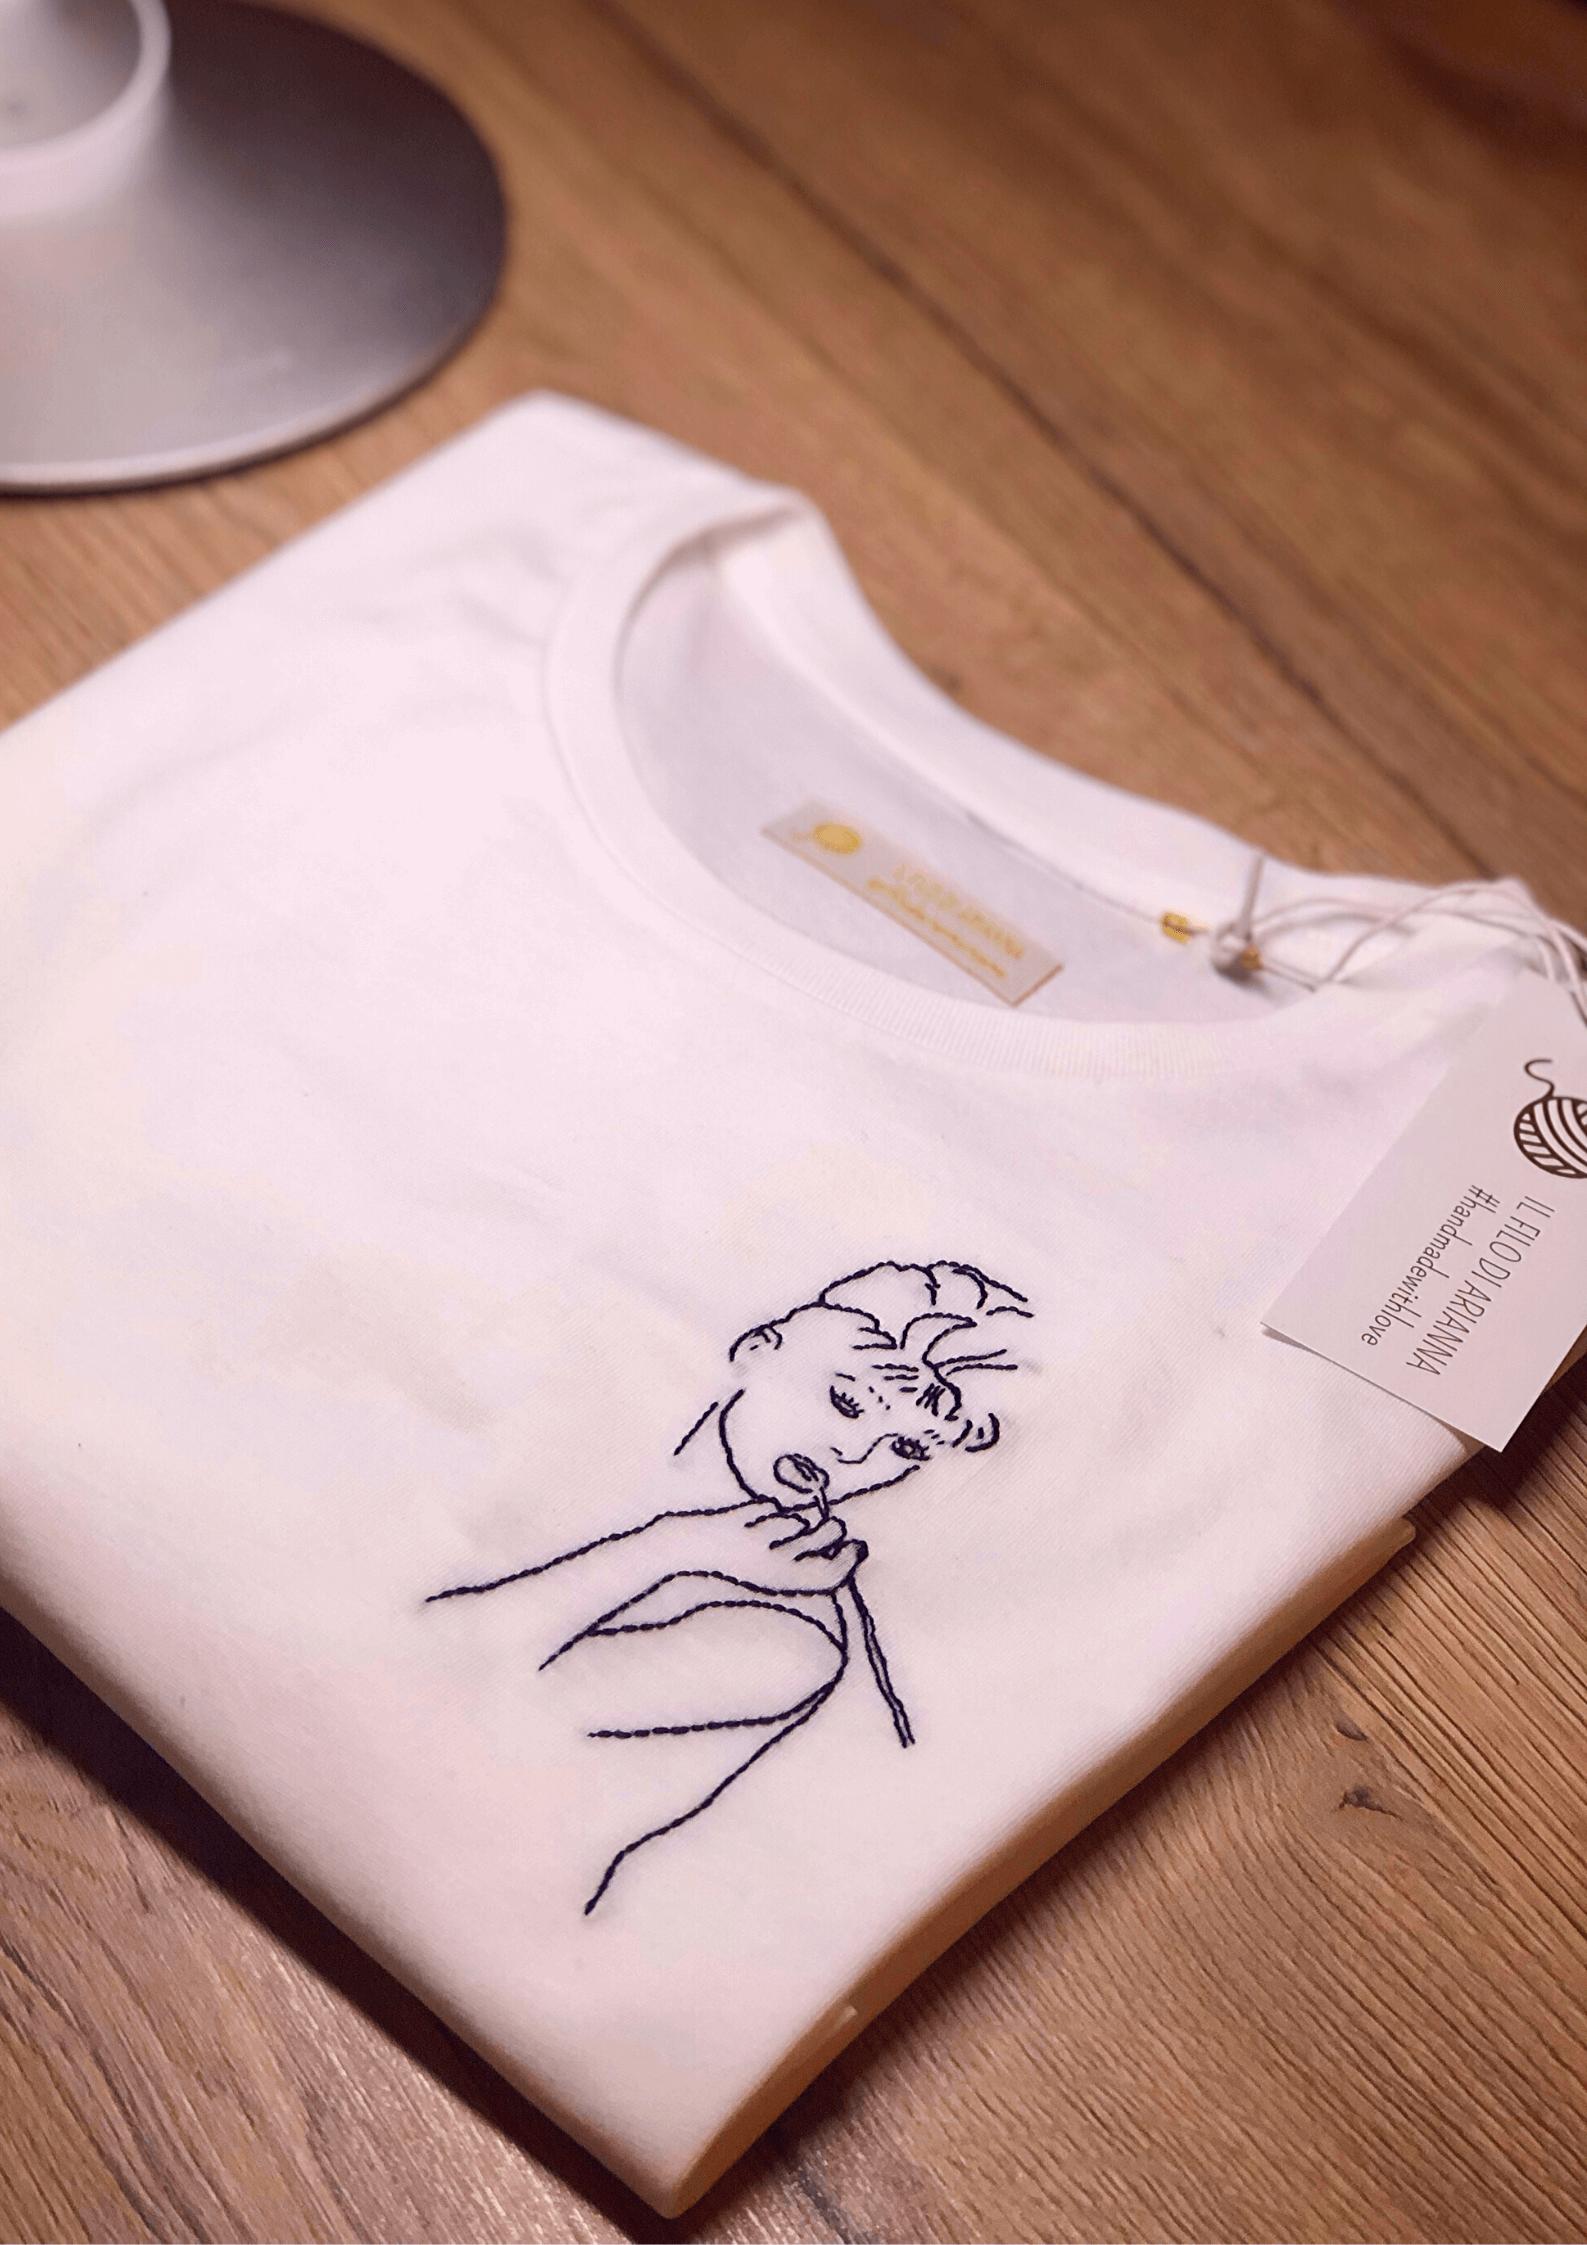 T-shirt Audrey Hepburn de Il filo di Arianna